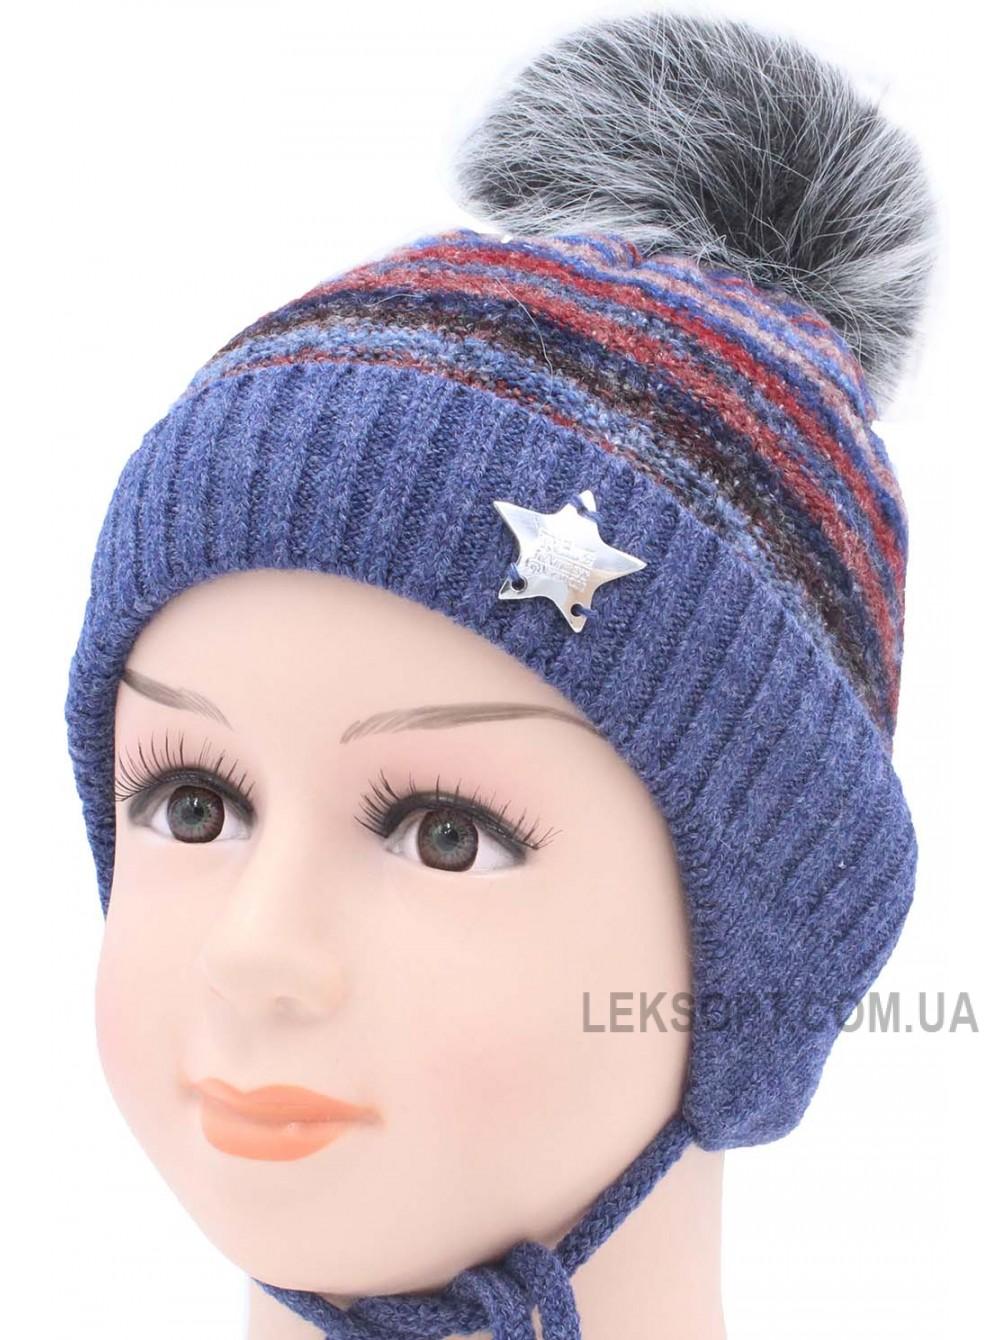 Детская вязаная шапка D40629-44-48